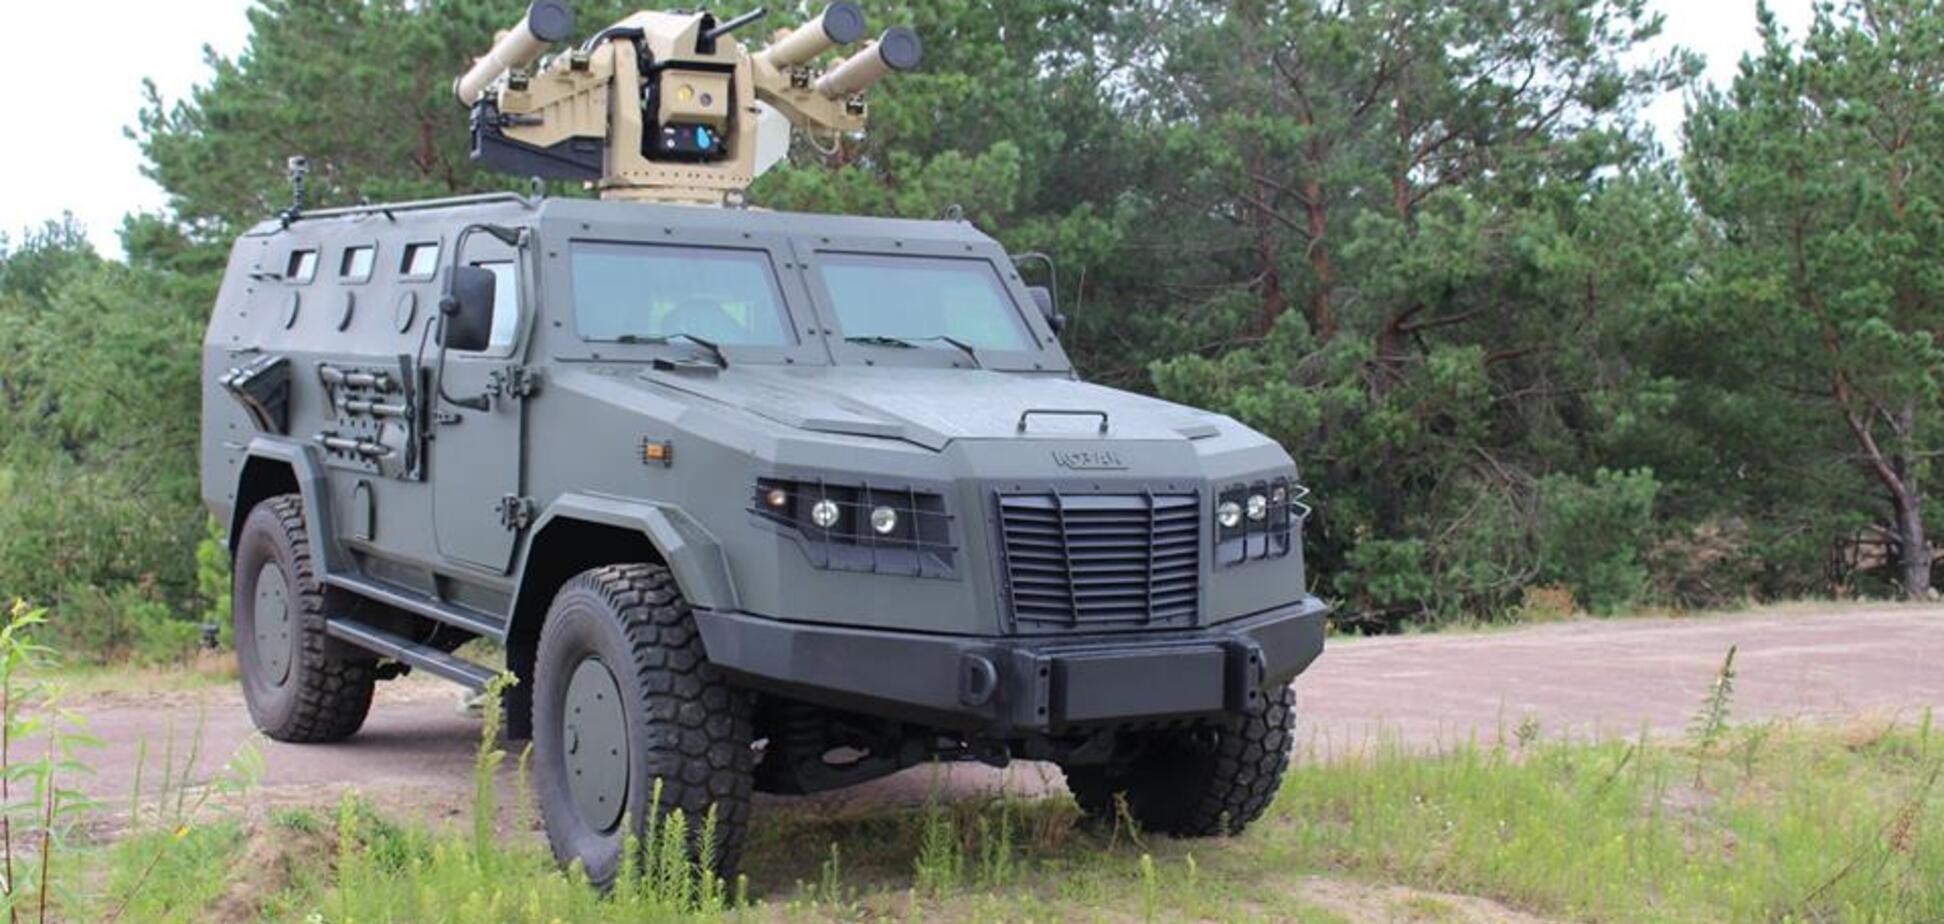 Унікальний броньовик ЗСУ оснастили потужною зброєю: з'явилися фото і відео